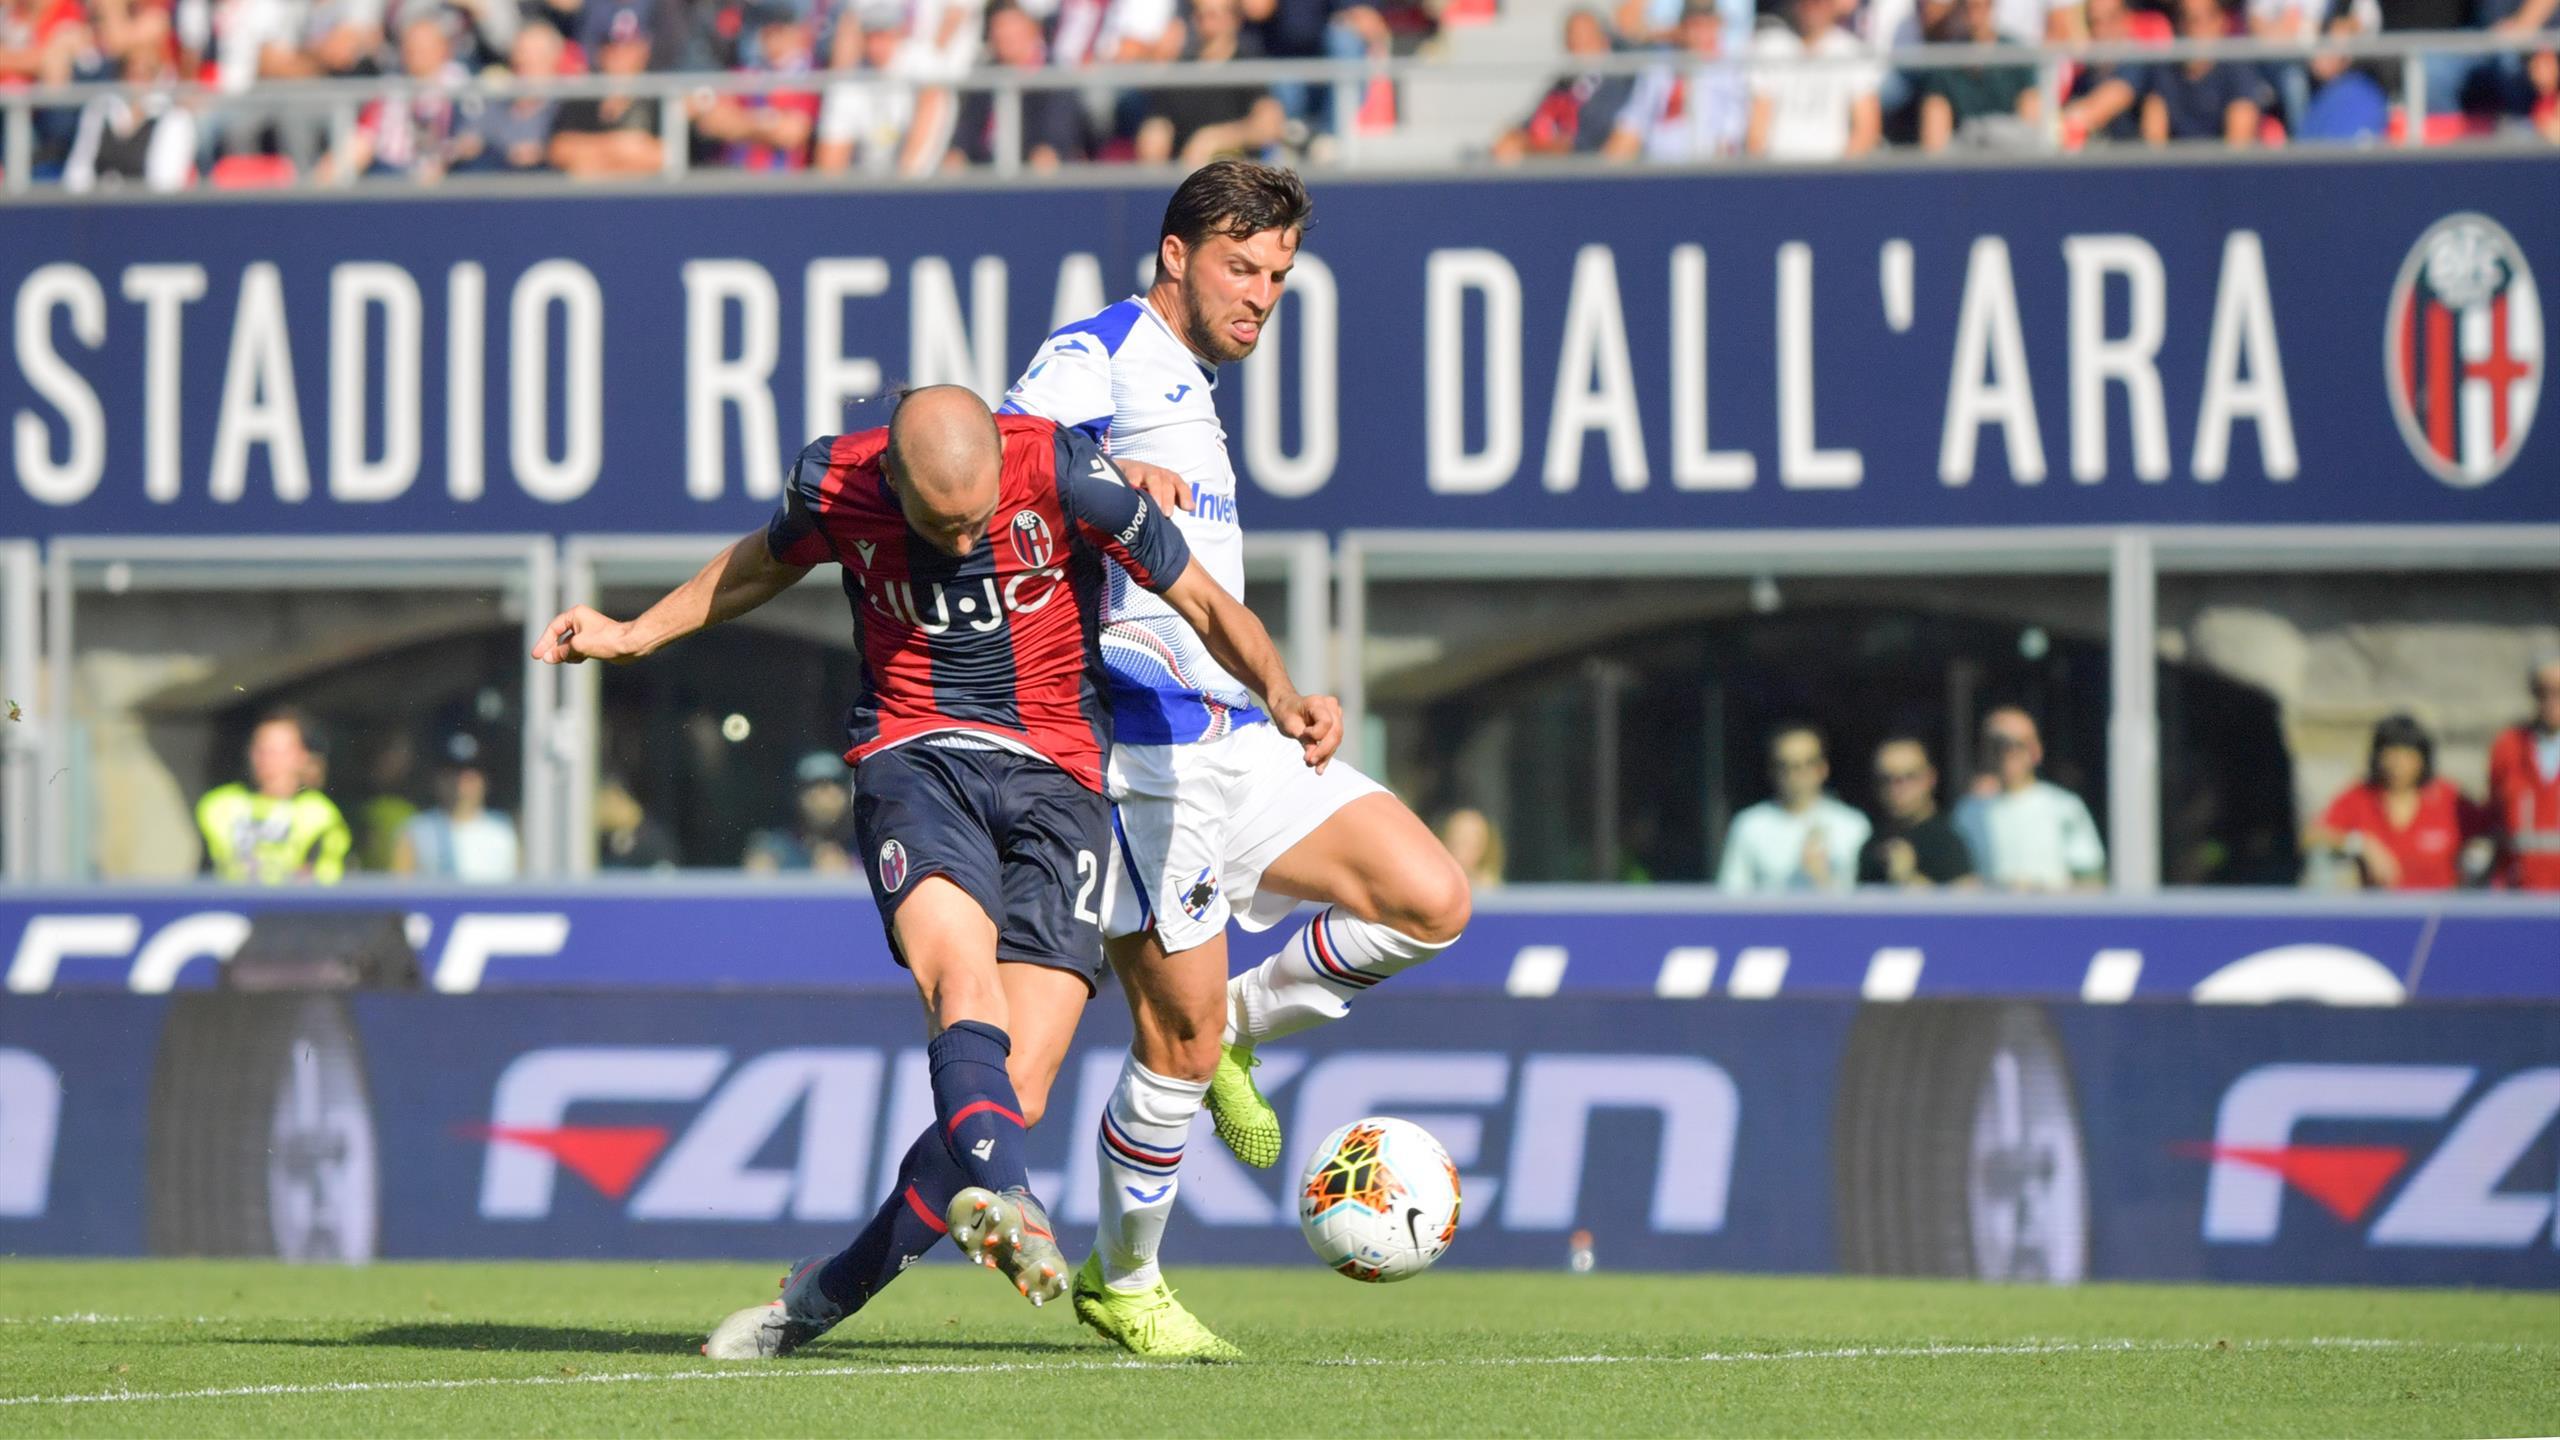 Serie A: Bologna-Sampdoria 2-1, decidono Palacio e Bani - Eurosport